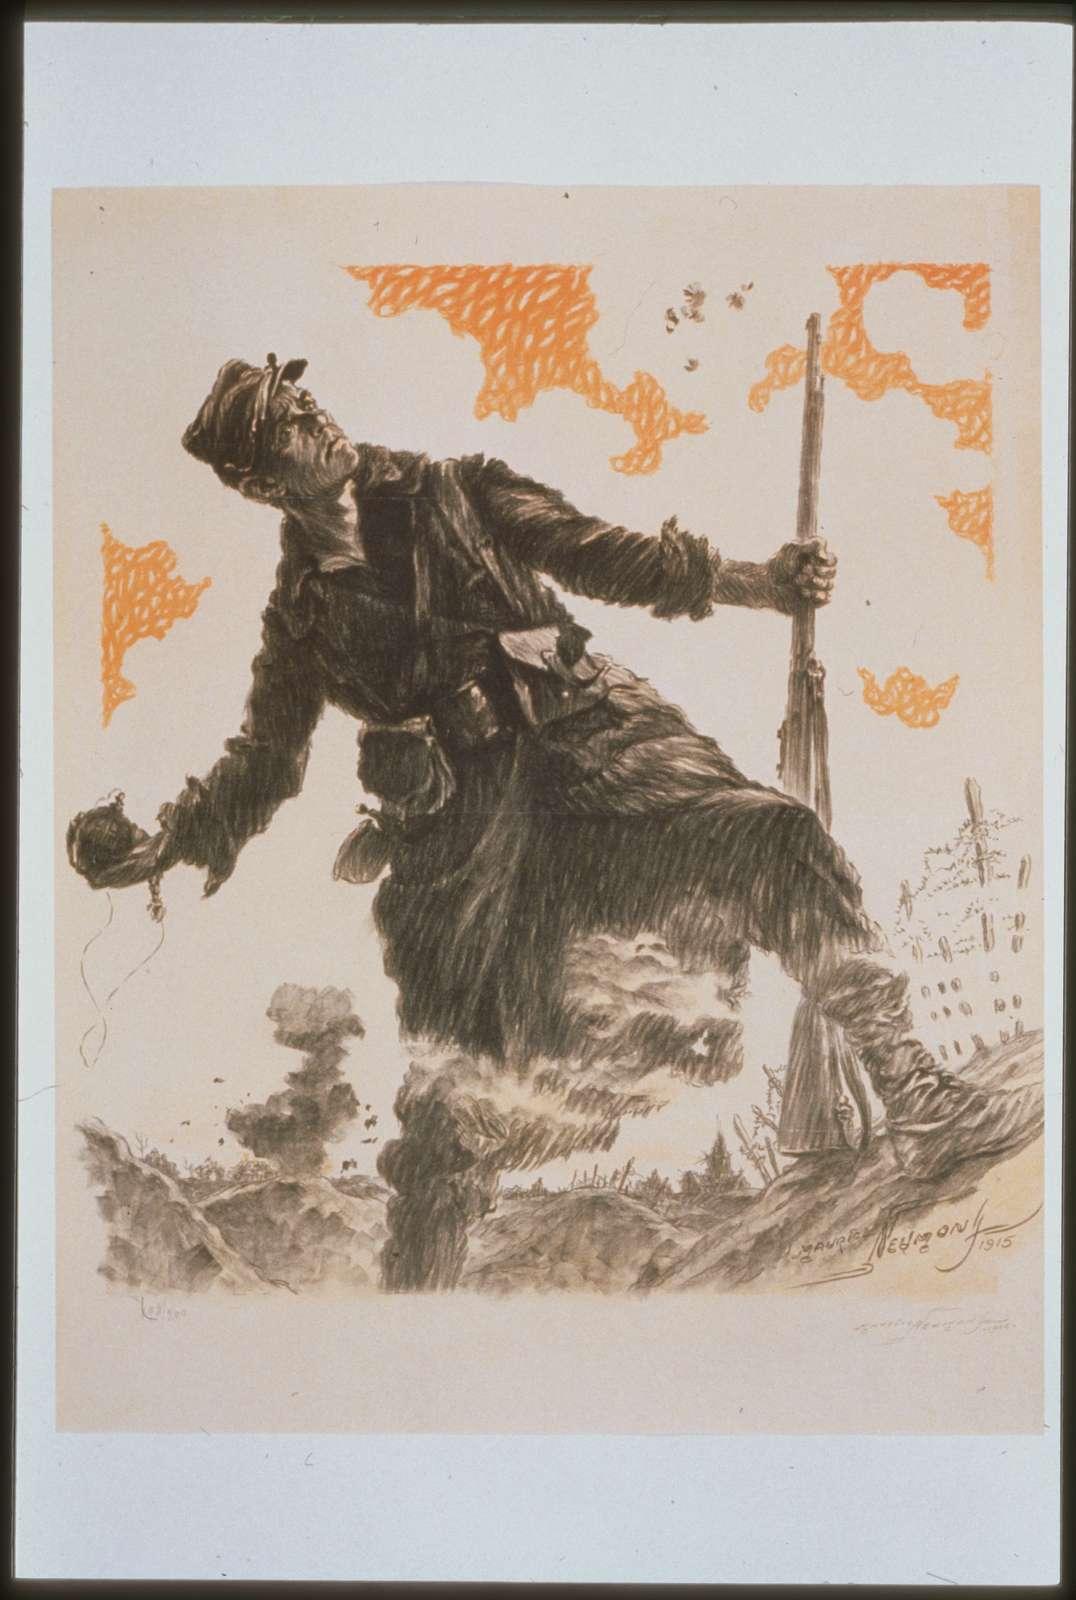 Journée du Poilu. 25 et 26 décembre 1915. Organisée par le   parlement